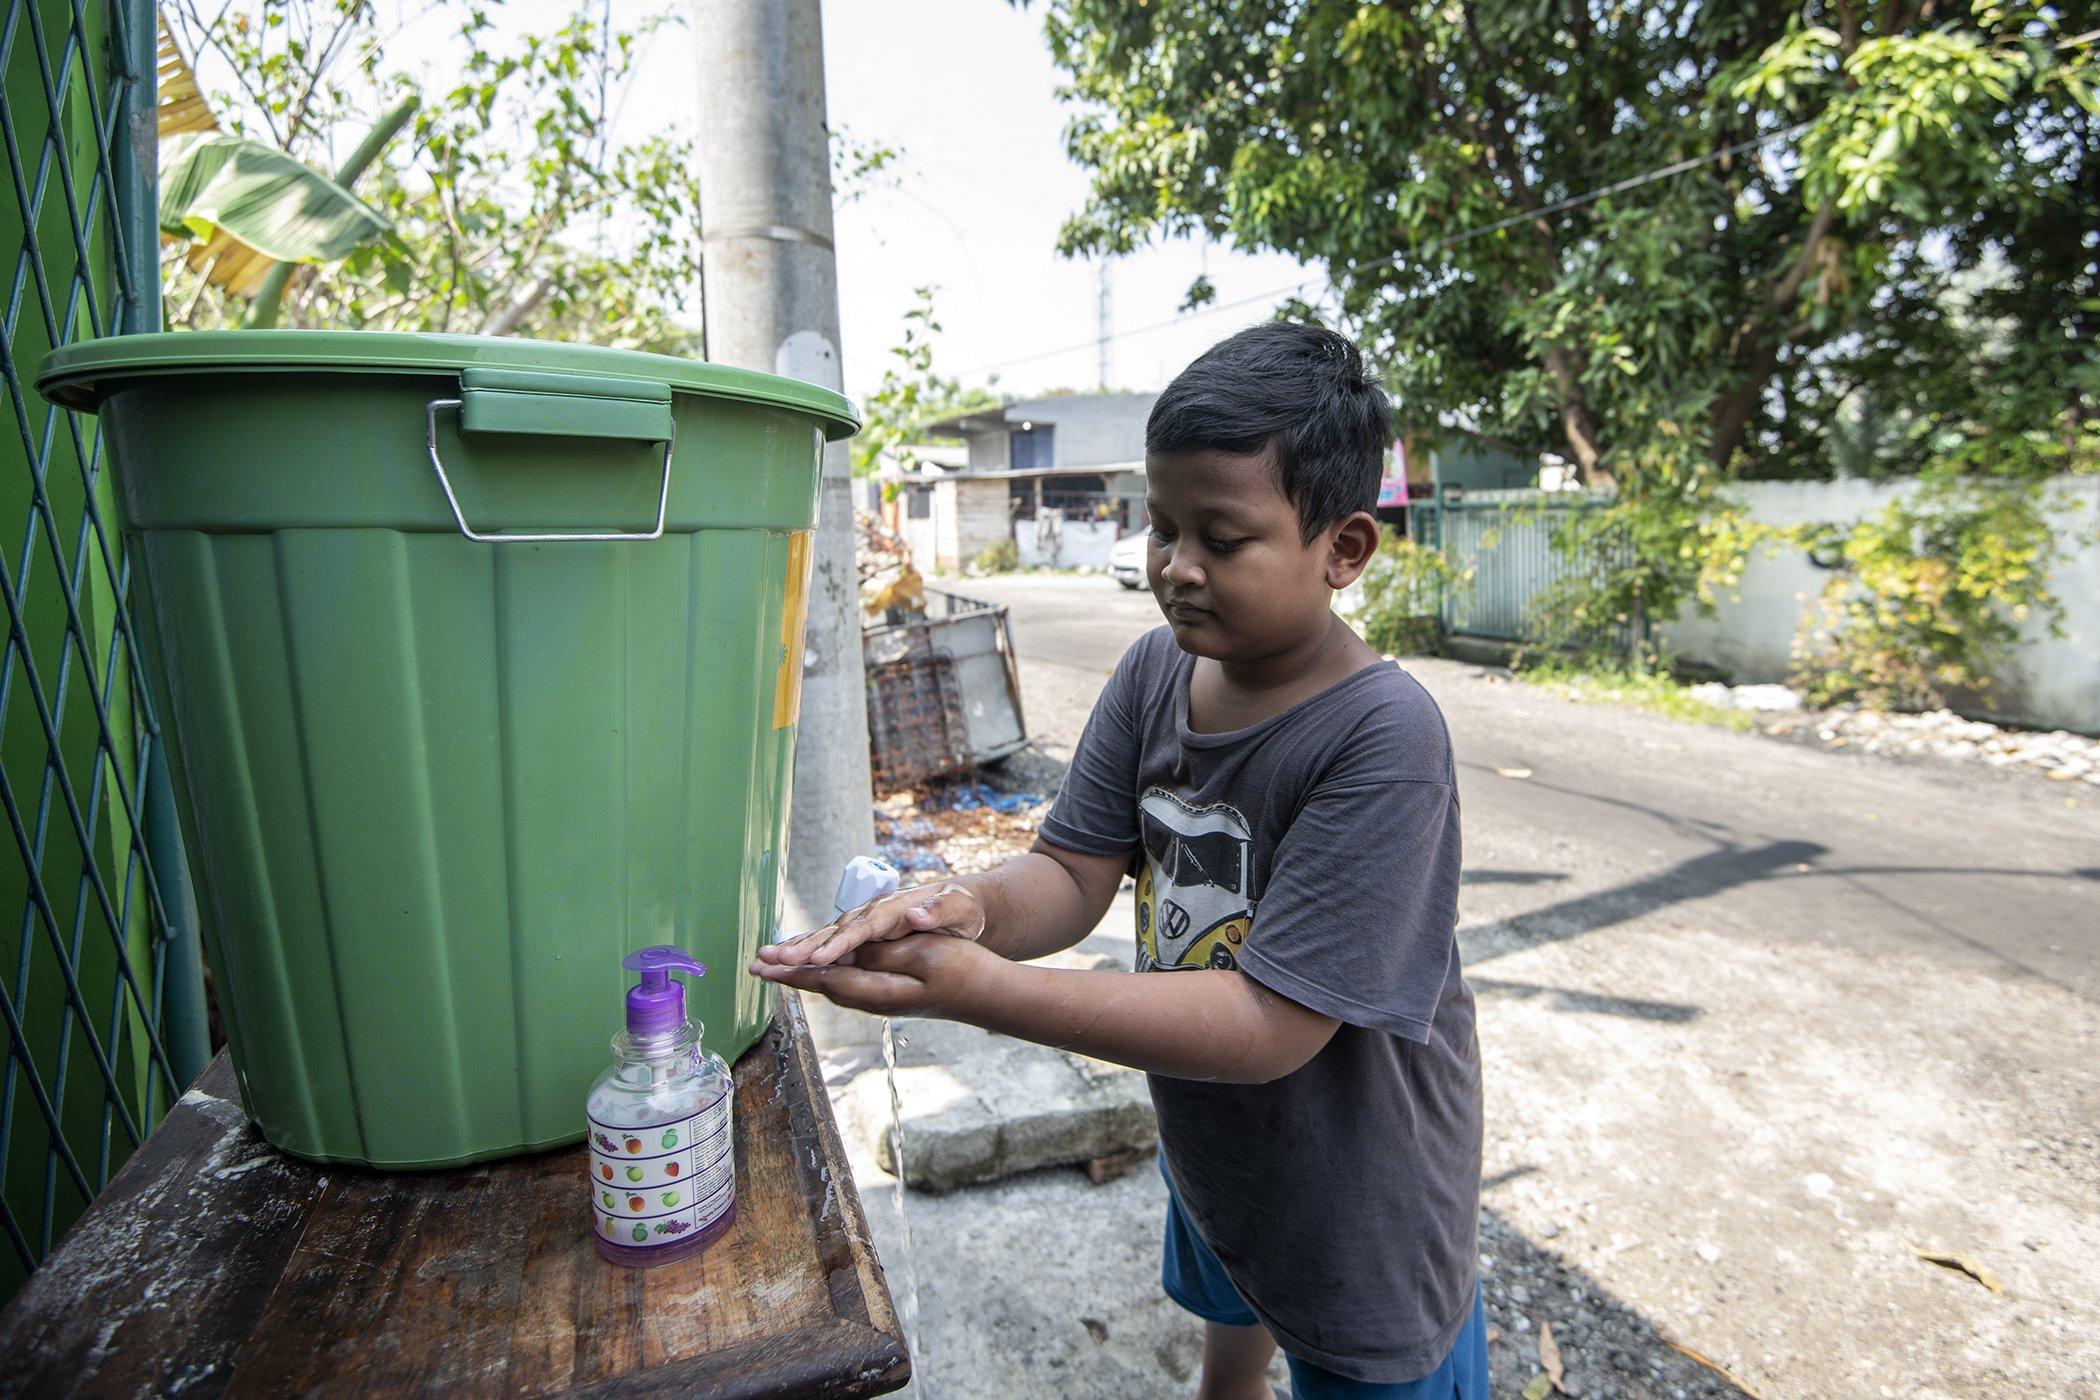 UNICEF-WHO-Handwashing-Campaign-COVID-19-003.jpg